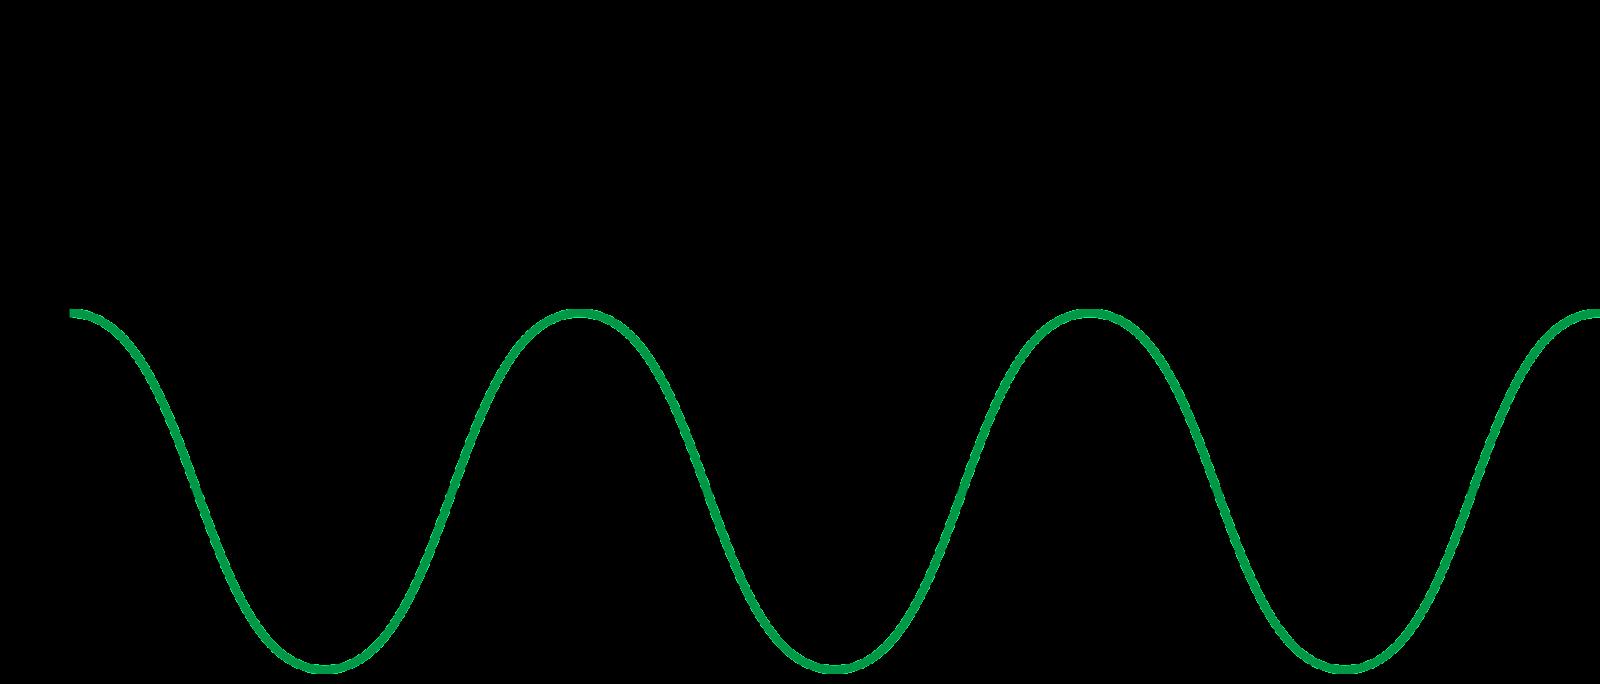 Гармонический сигнал